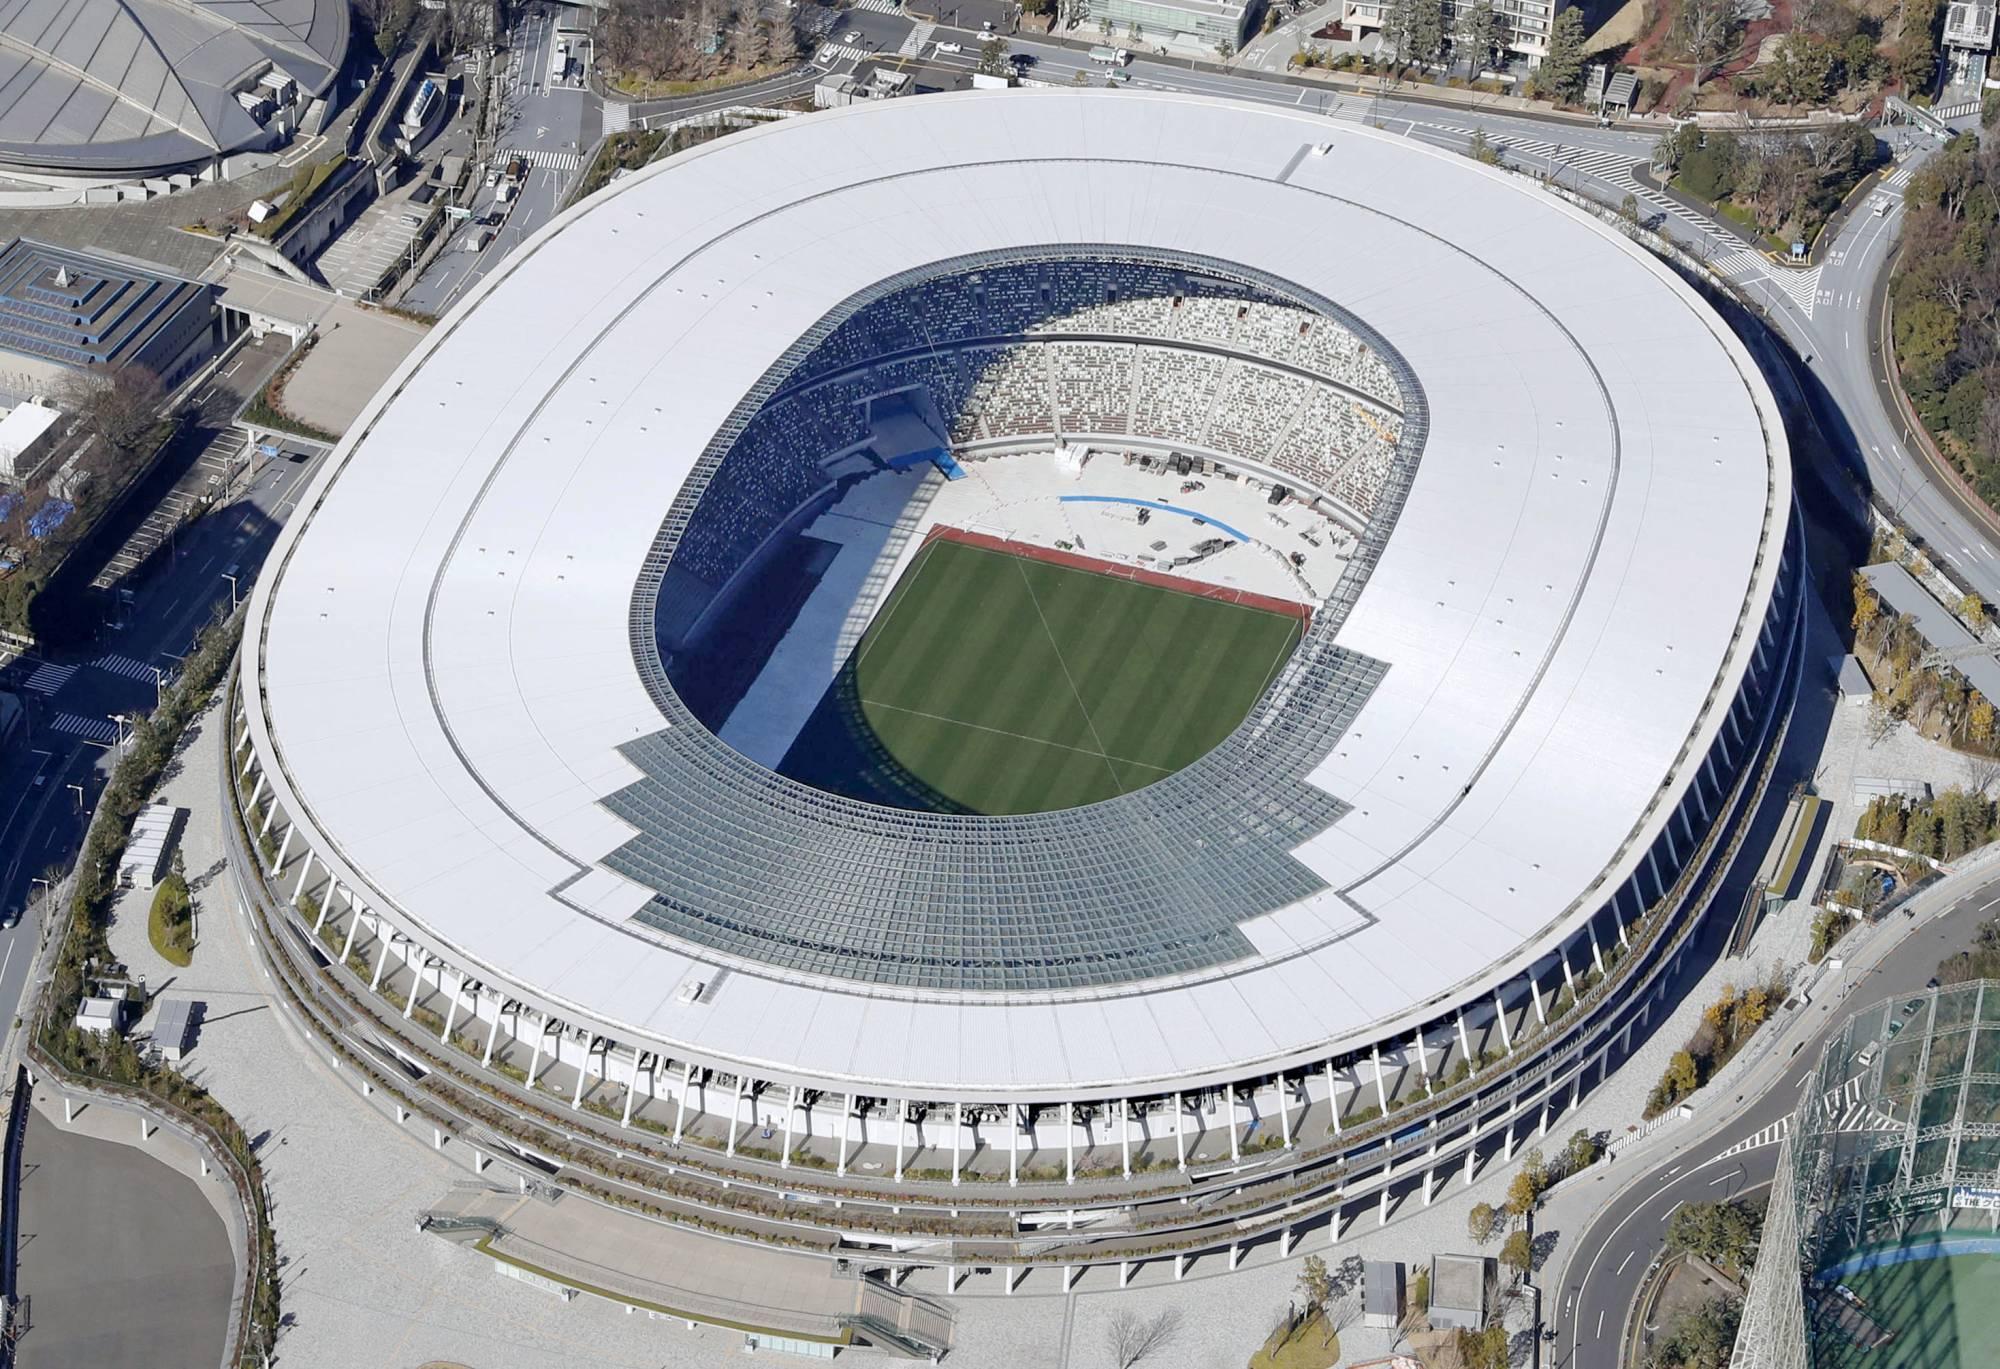 Toàn bộ thông tin cần biết về lễ khai mạc Olympic 2020 - Ảnh 3.